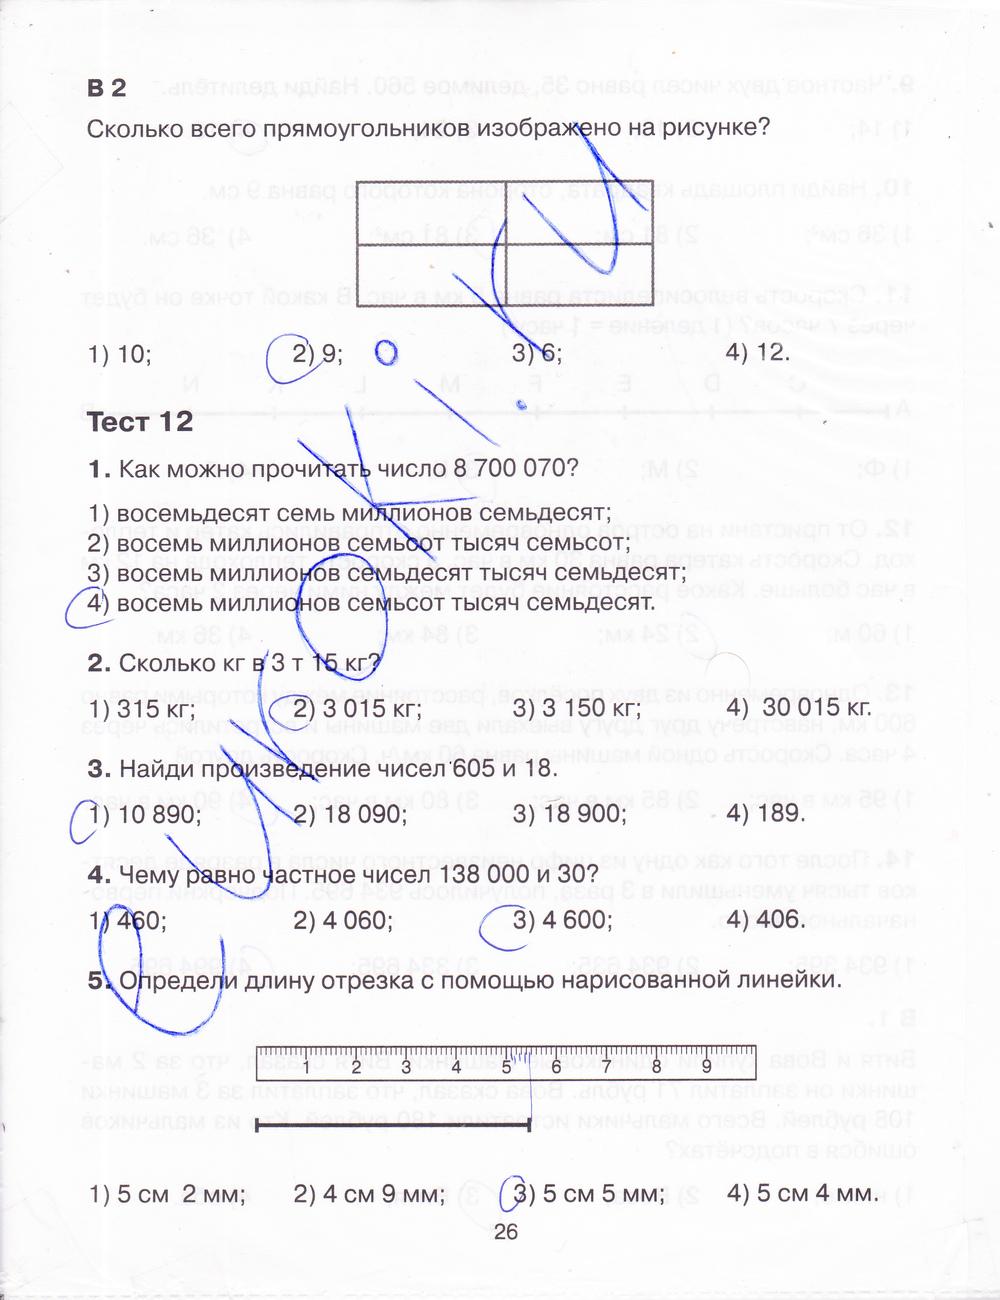 ГДЗ по математике 4 класс Мишакина. Задание: стр. 26